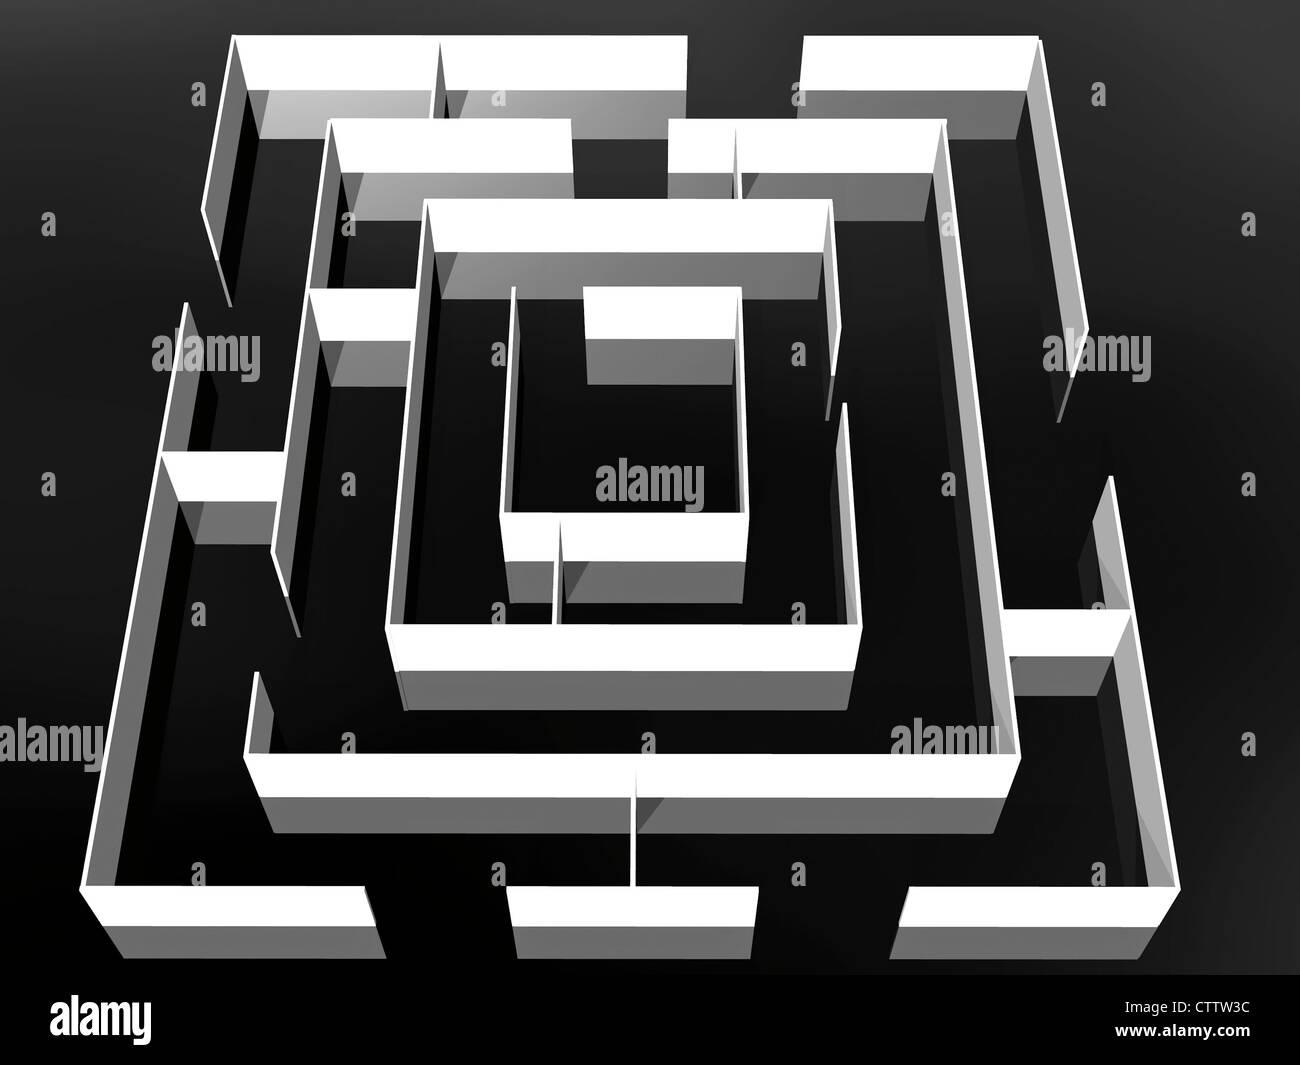 Weisses Labyrinth Auf Schwarzem Untergrund Stockbild